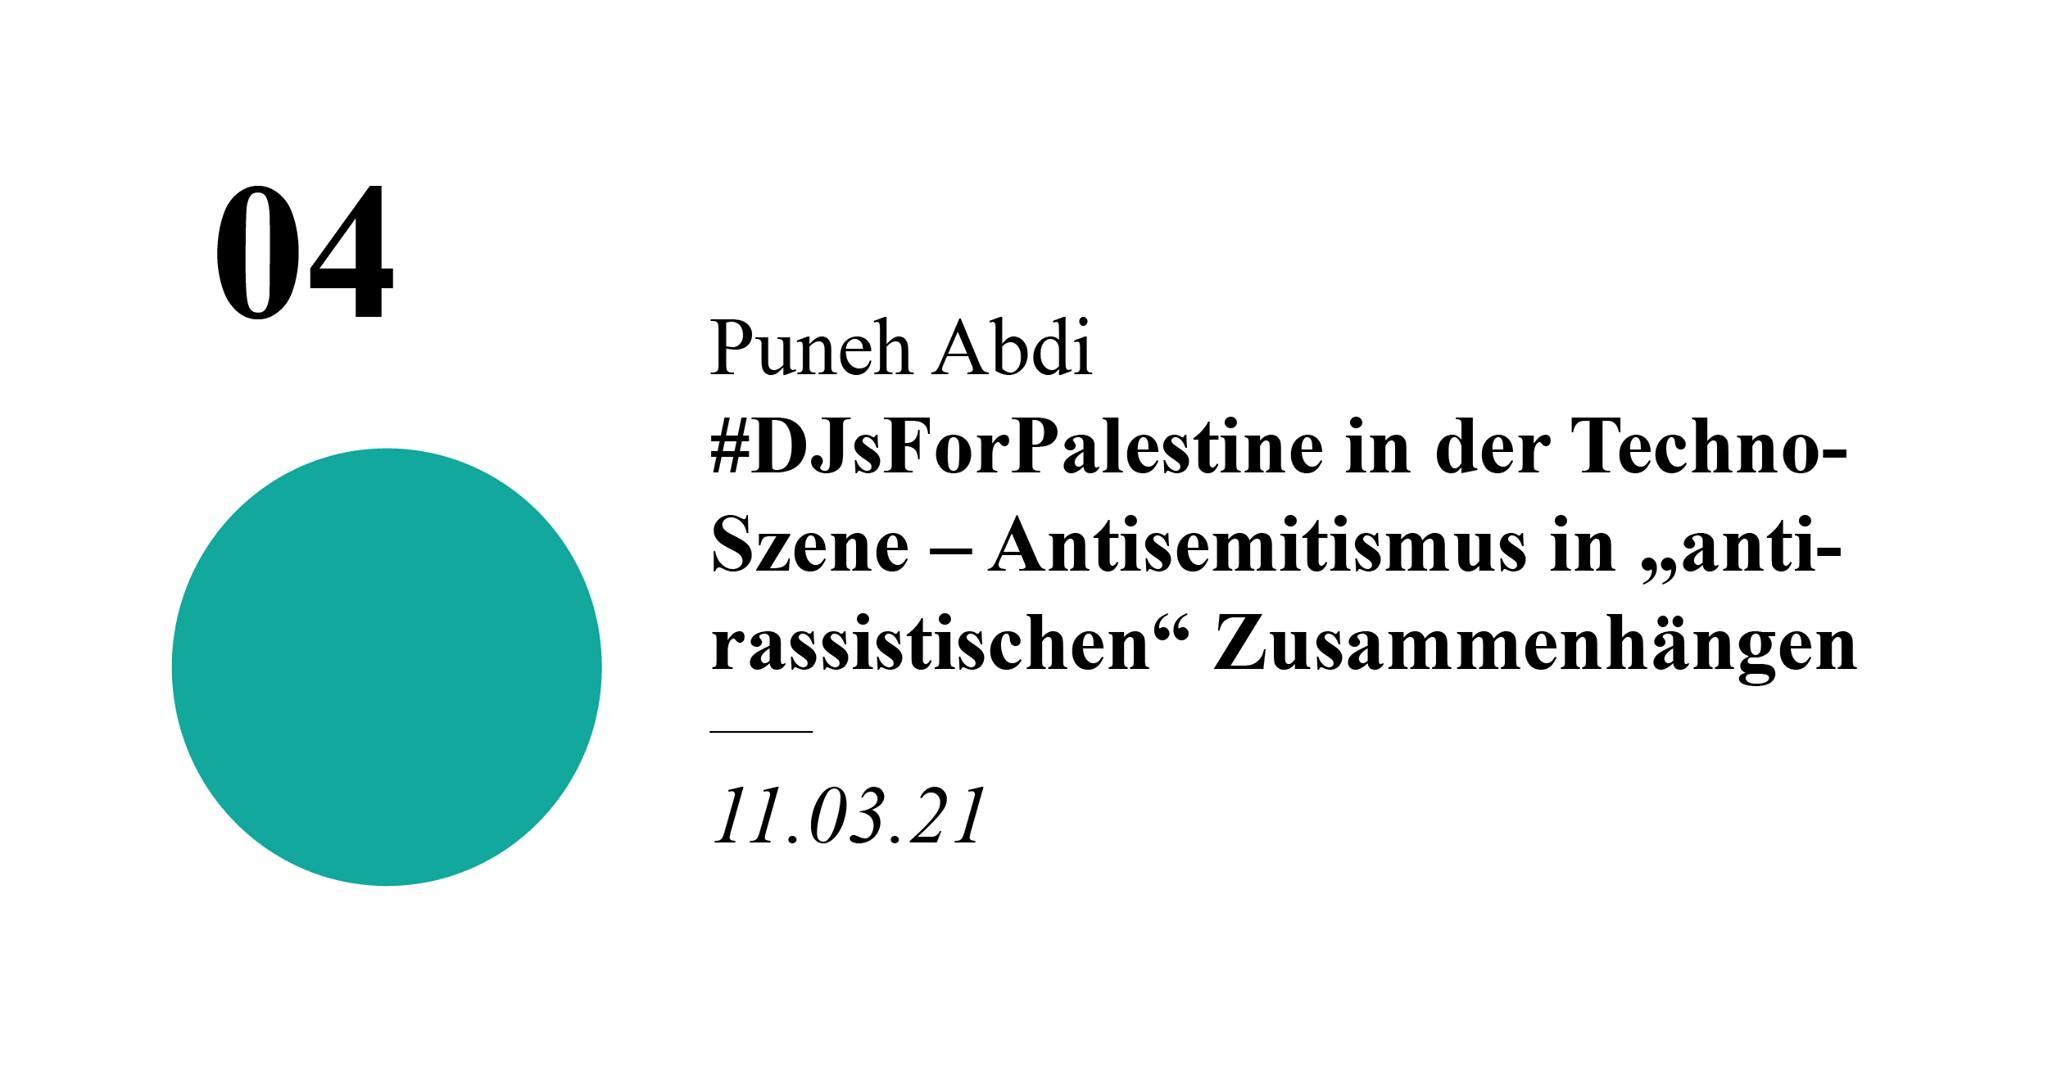 """Puneh Abdi - """"#DJsForPalestine in der Techno-Szene – Antisemitismus in """"antirassistischen"""" Zusammenhängen"""""""